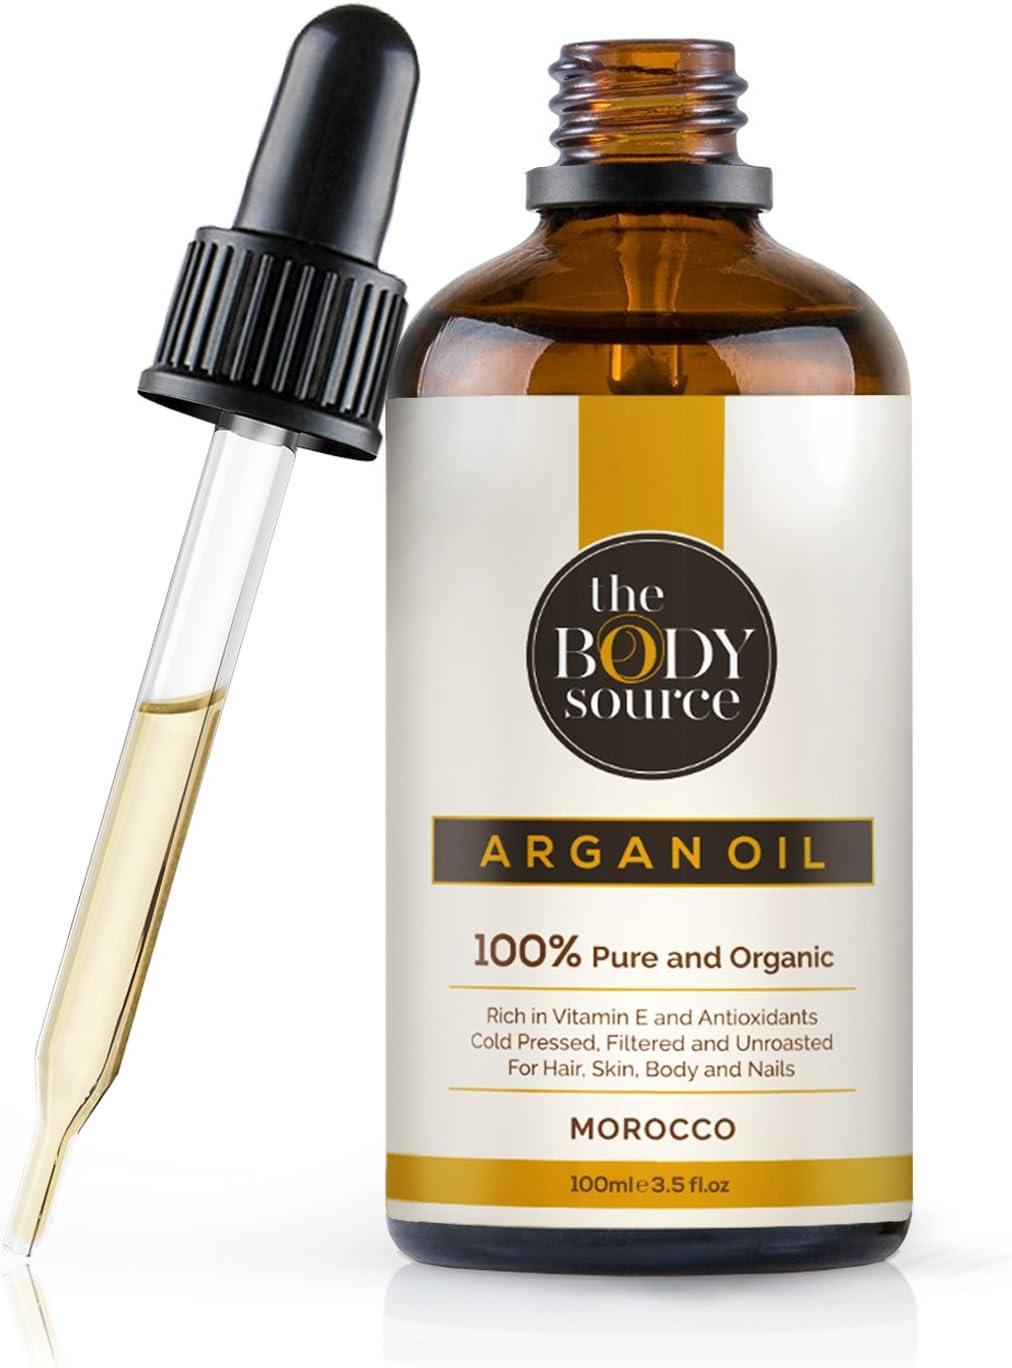 The Body Source - Puro Aceite de Argán 100% Orgánico, Rico en vitamina E y Antioxidantes Adecuados para el Cabello, la Piel, el Cuerpo y las Uñas, 100ml